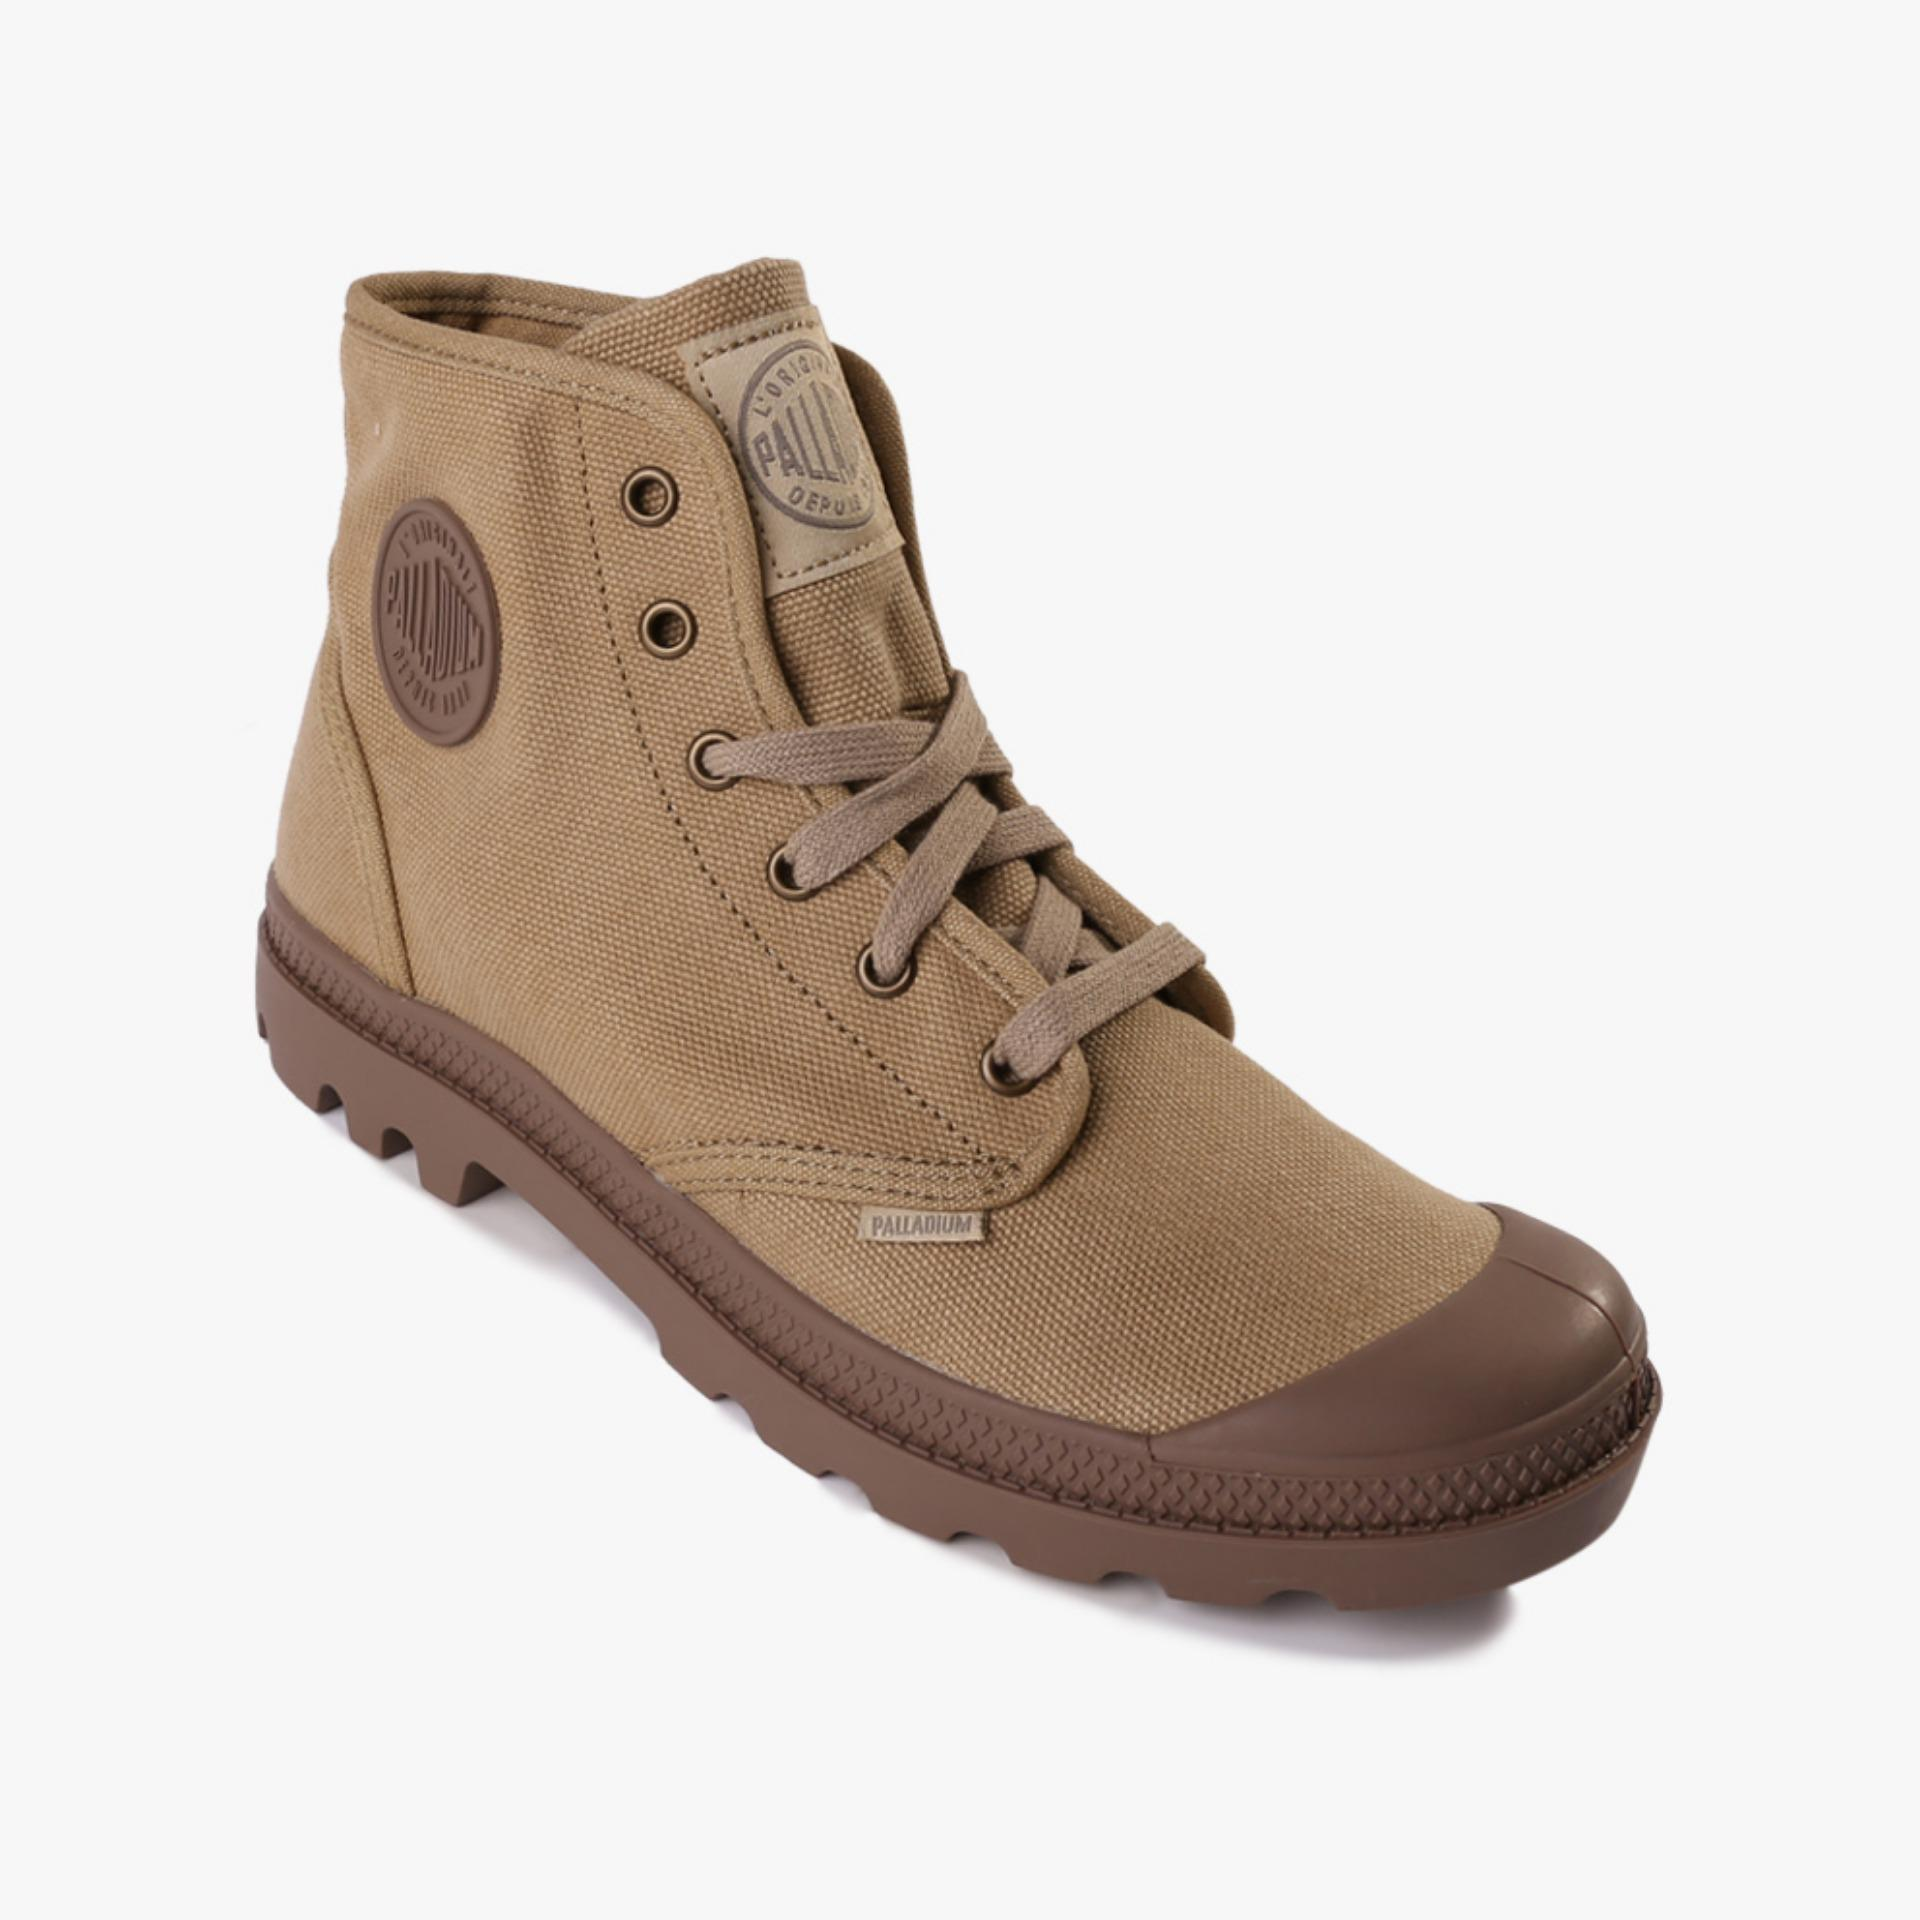 Palladium Pampa Hi Men s Boots Shoes - Cokelat  6156ec4a34